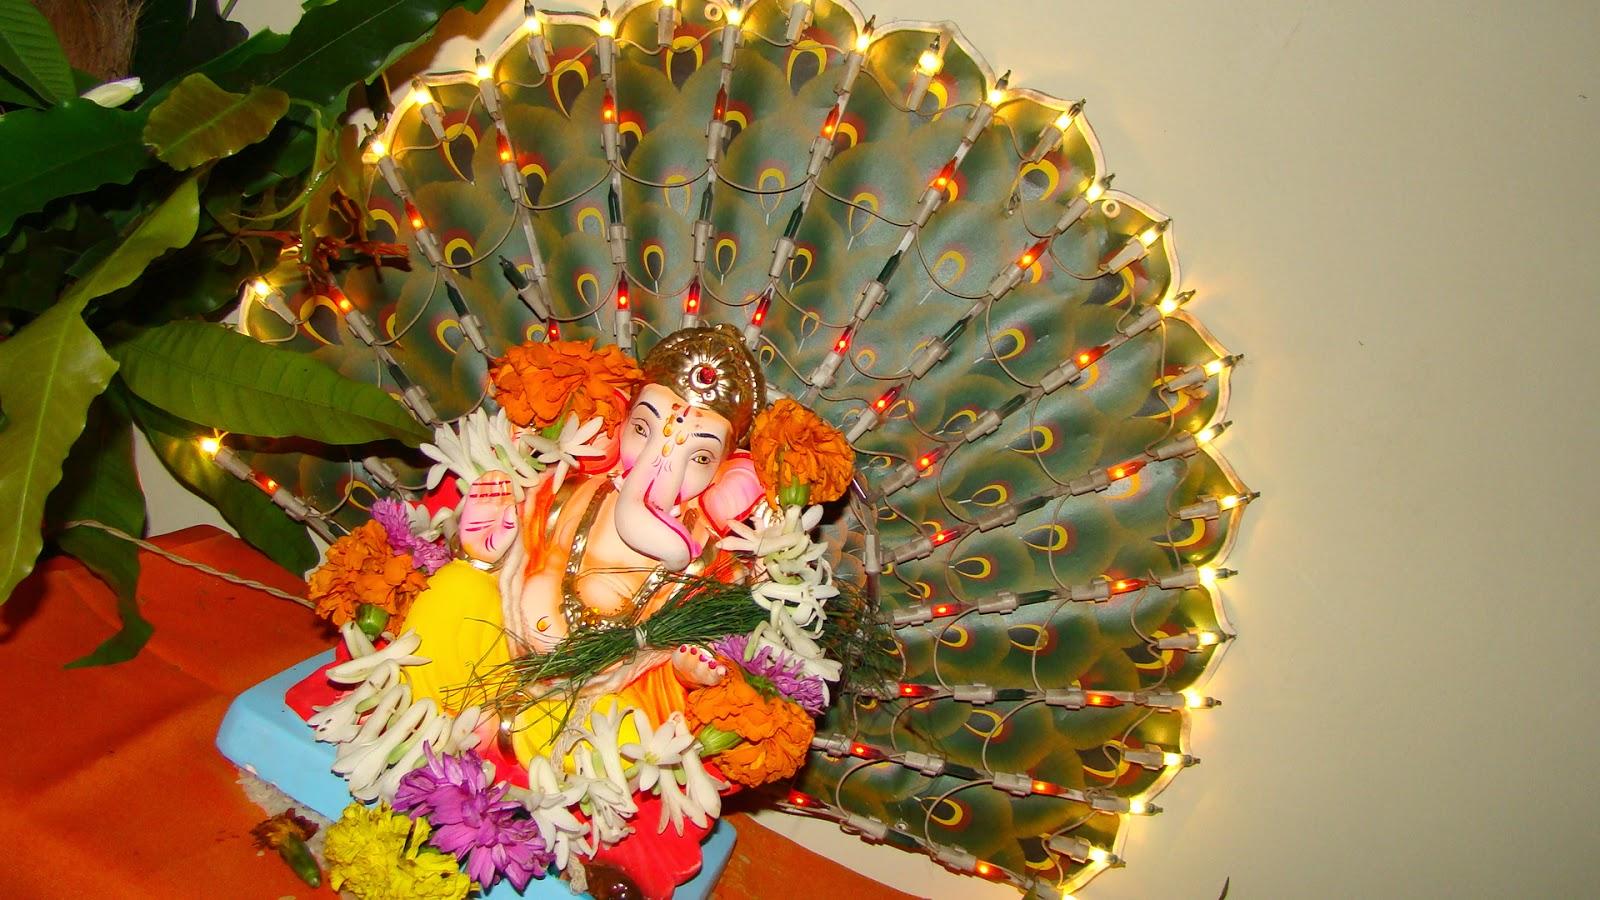 ganesh images lord ganesh photos pics amp hd wallpapers